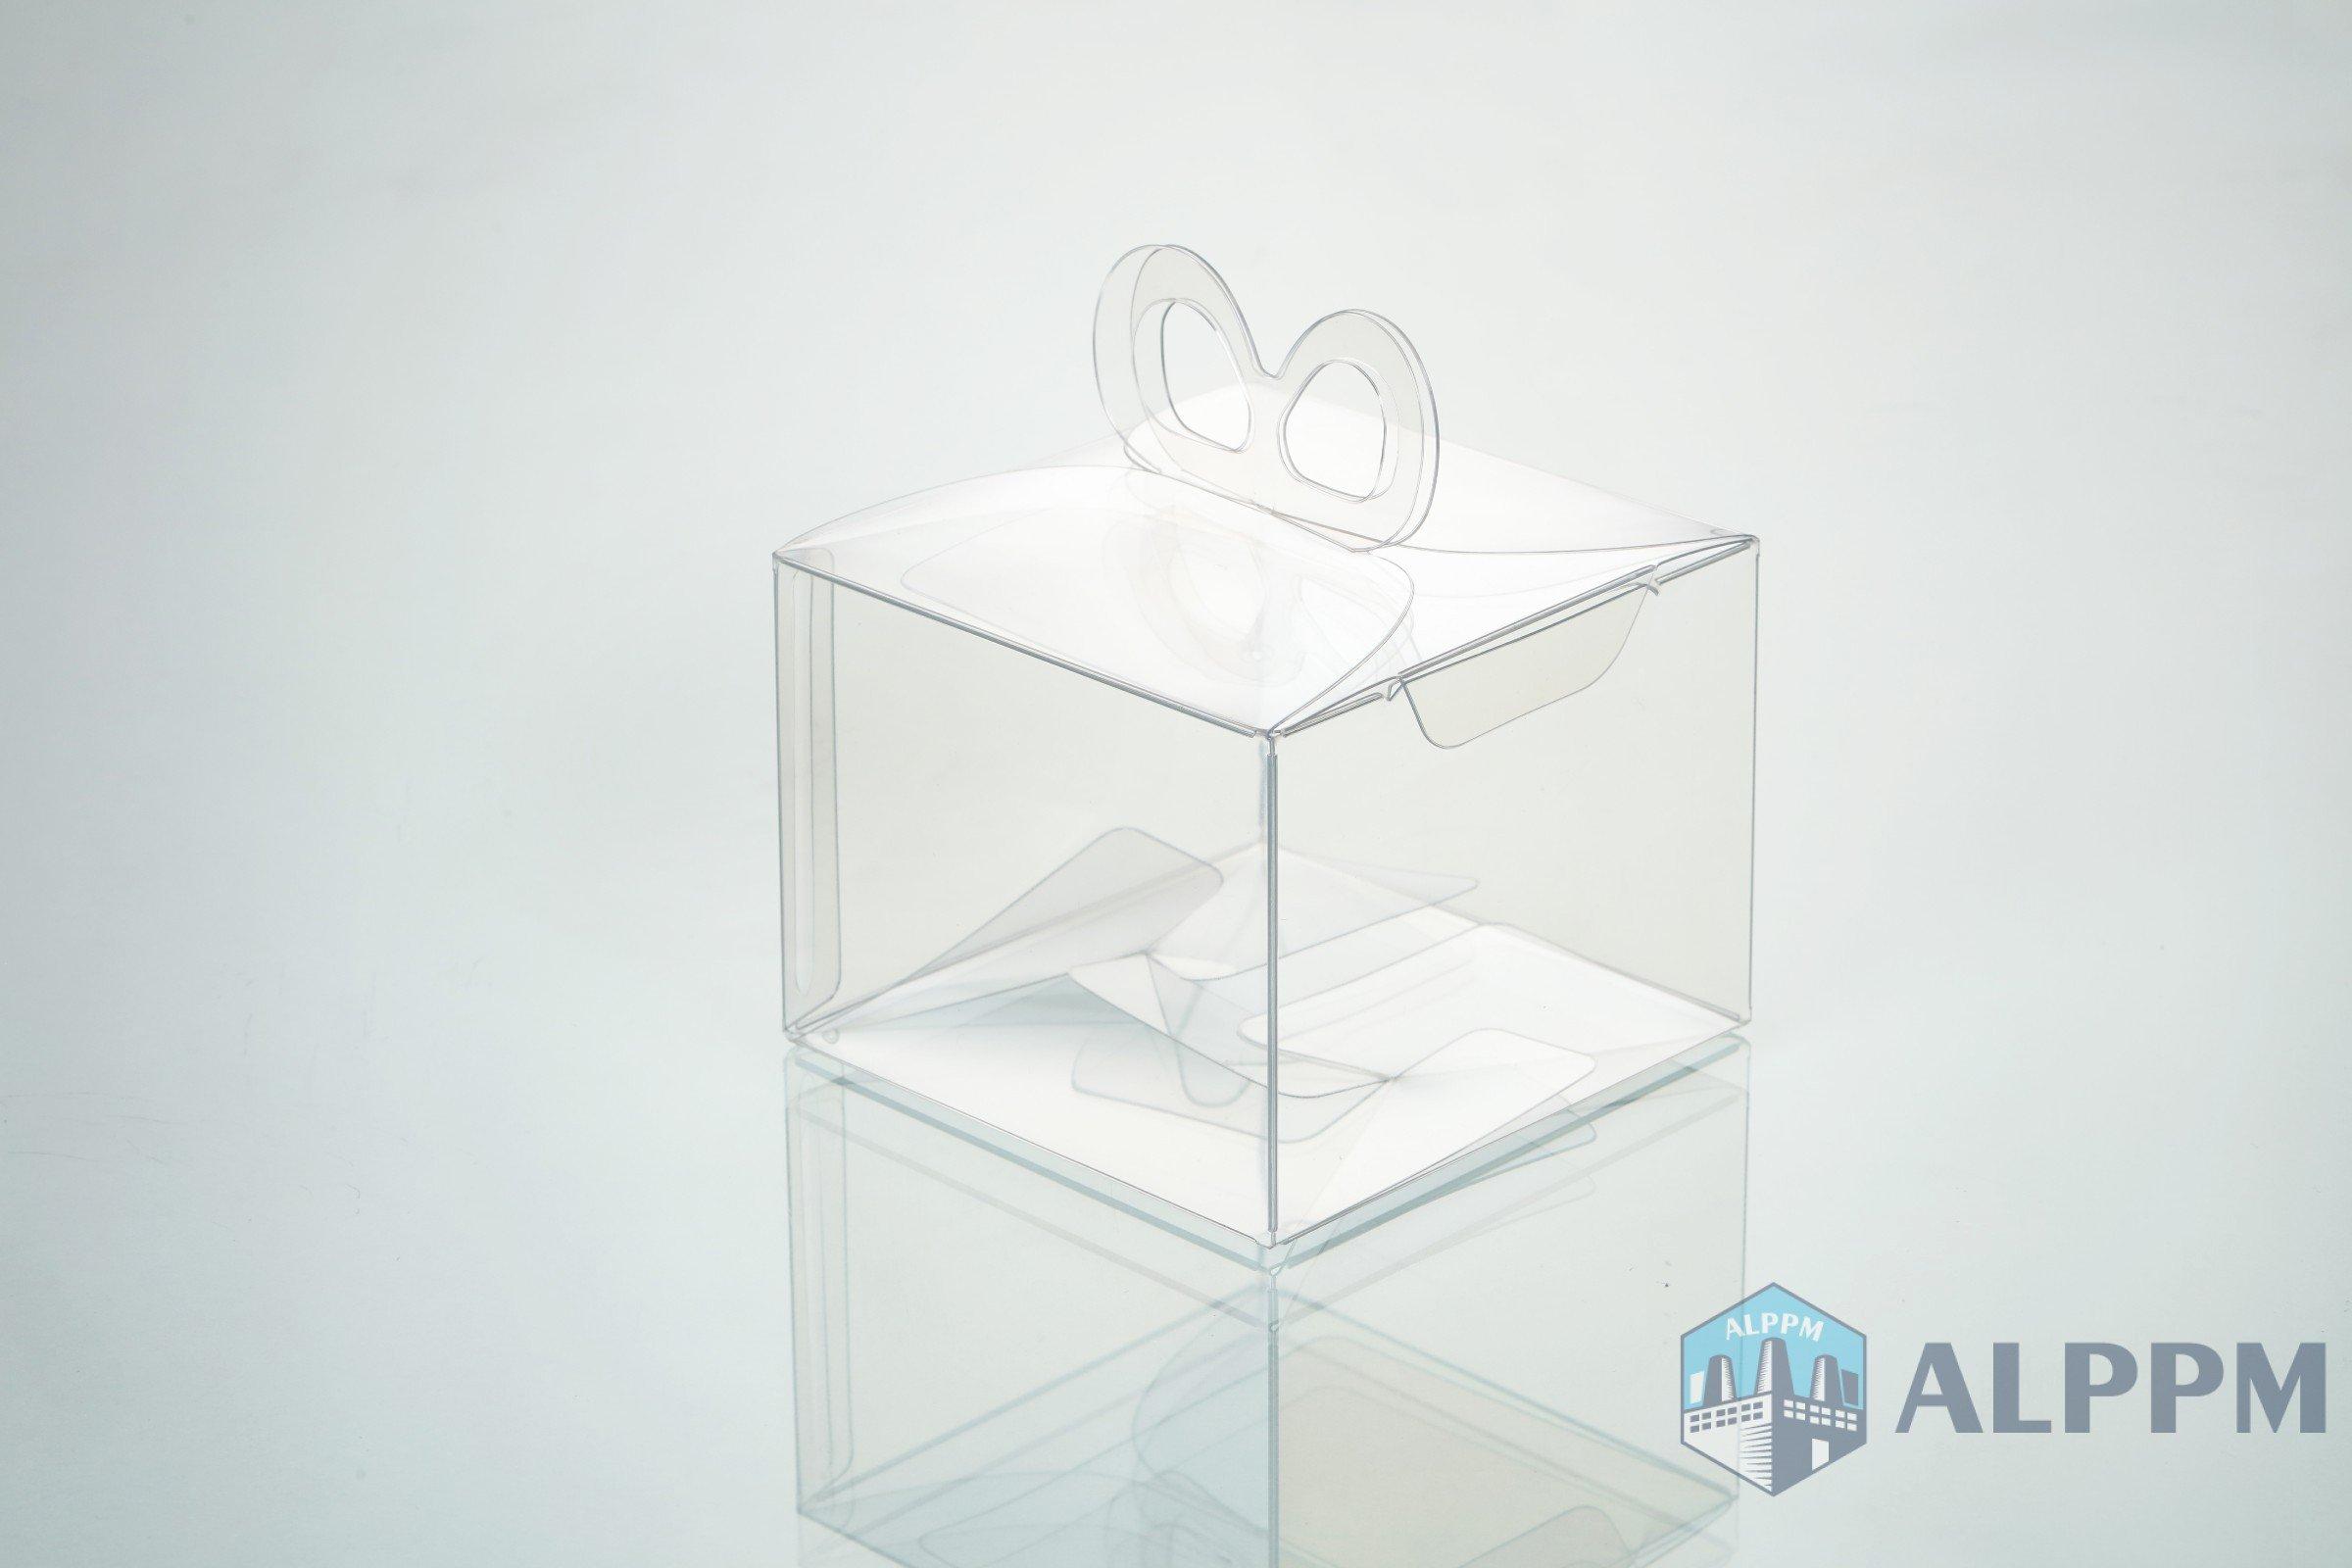 활 모양의 리본 걸이가있는 투명 상자